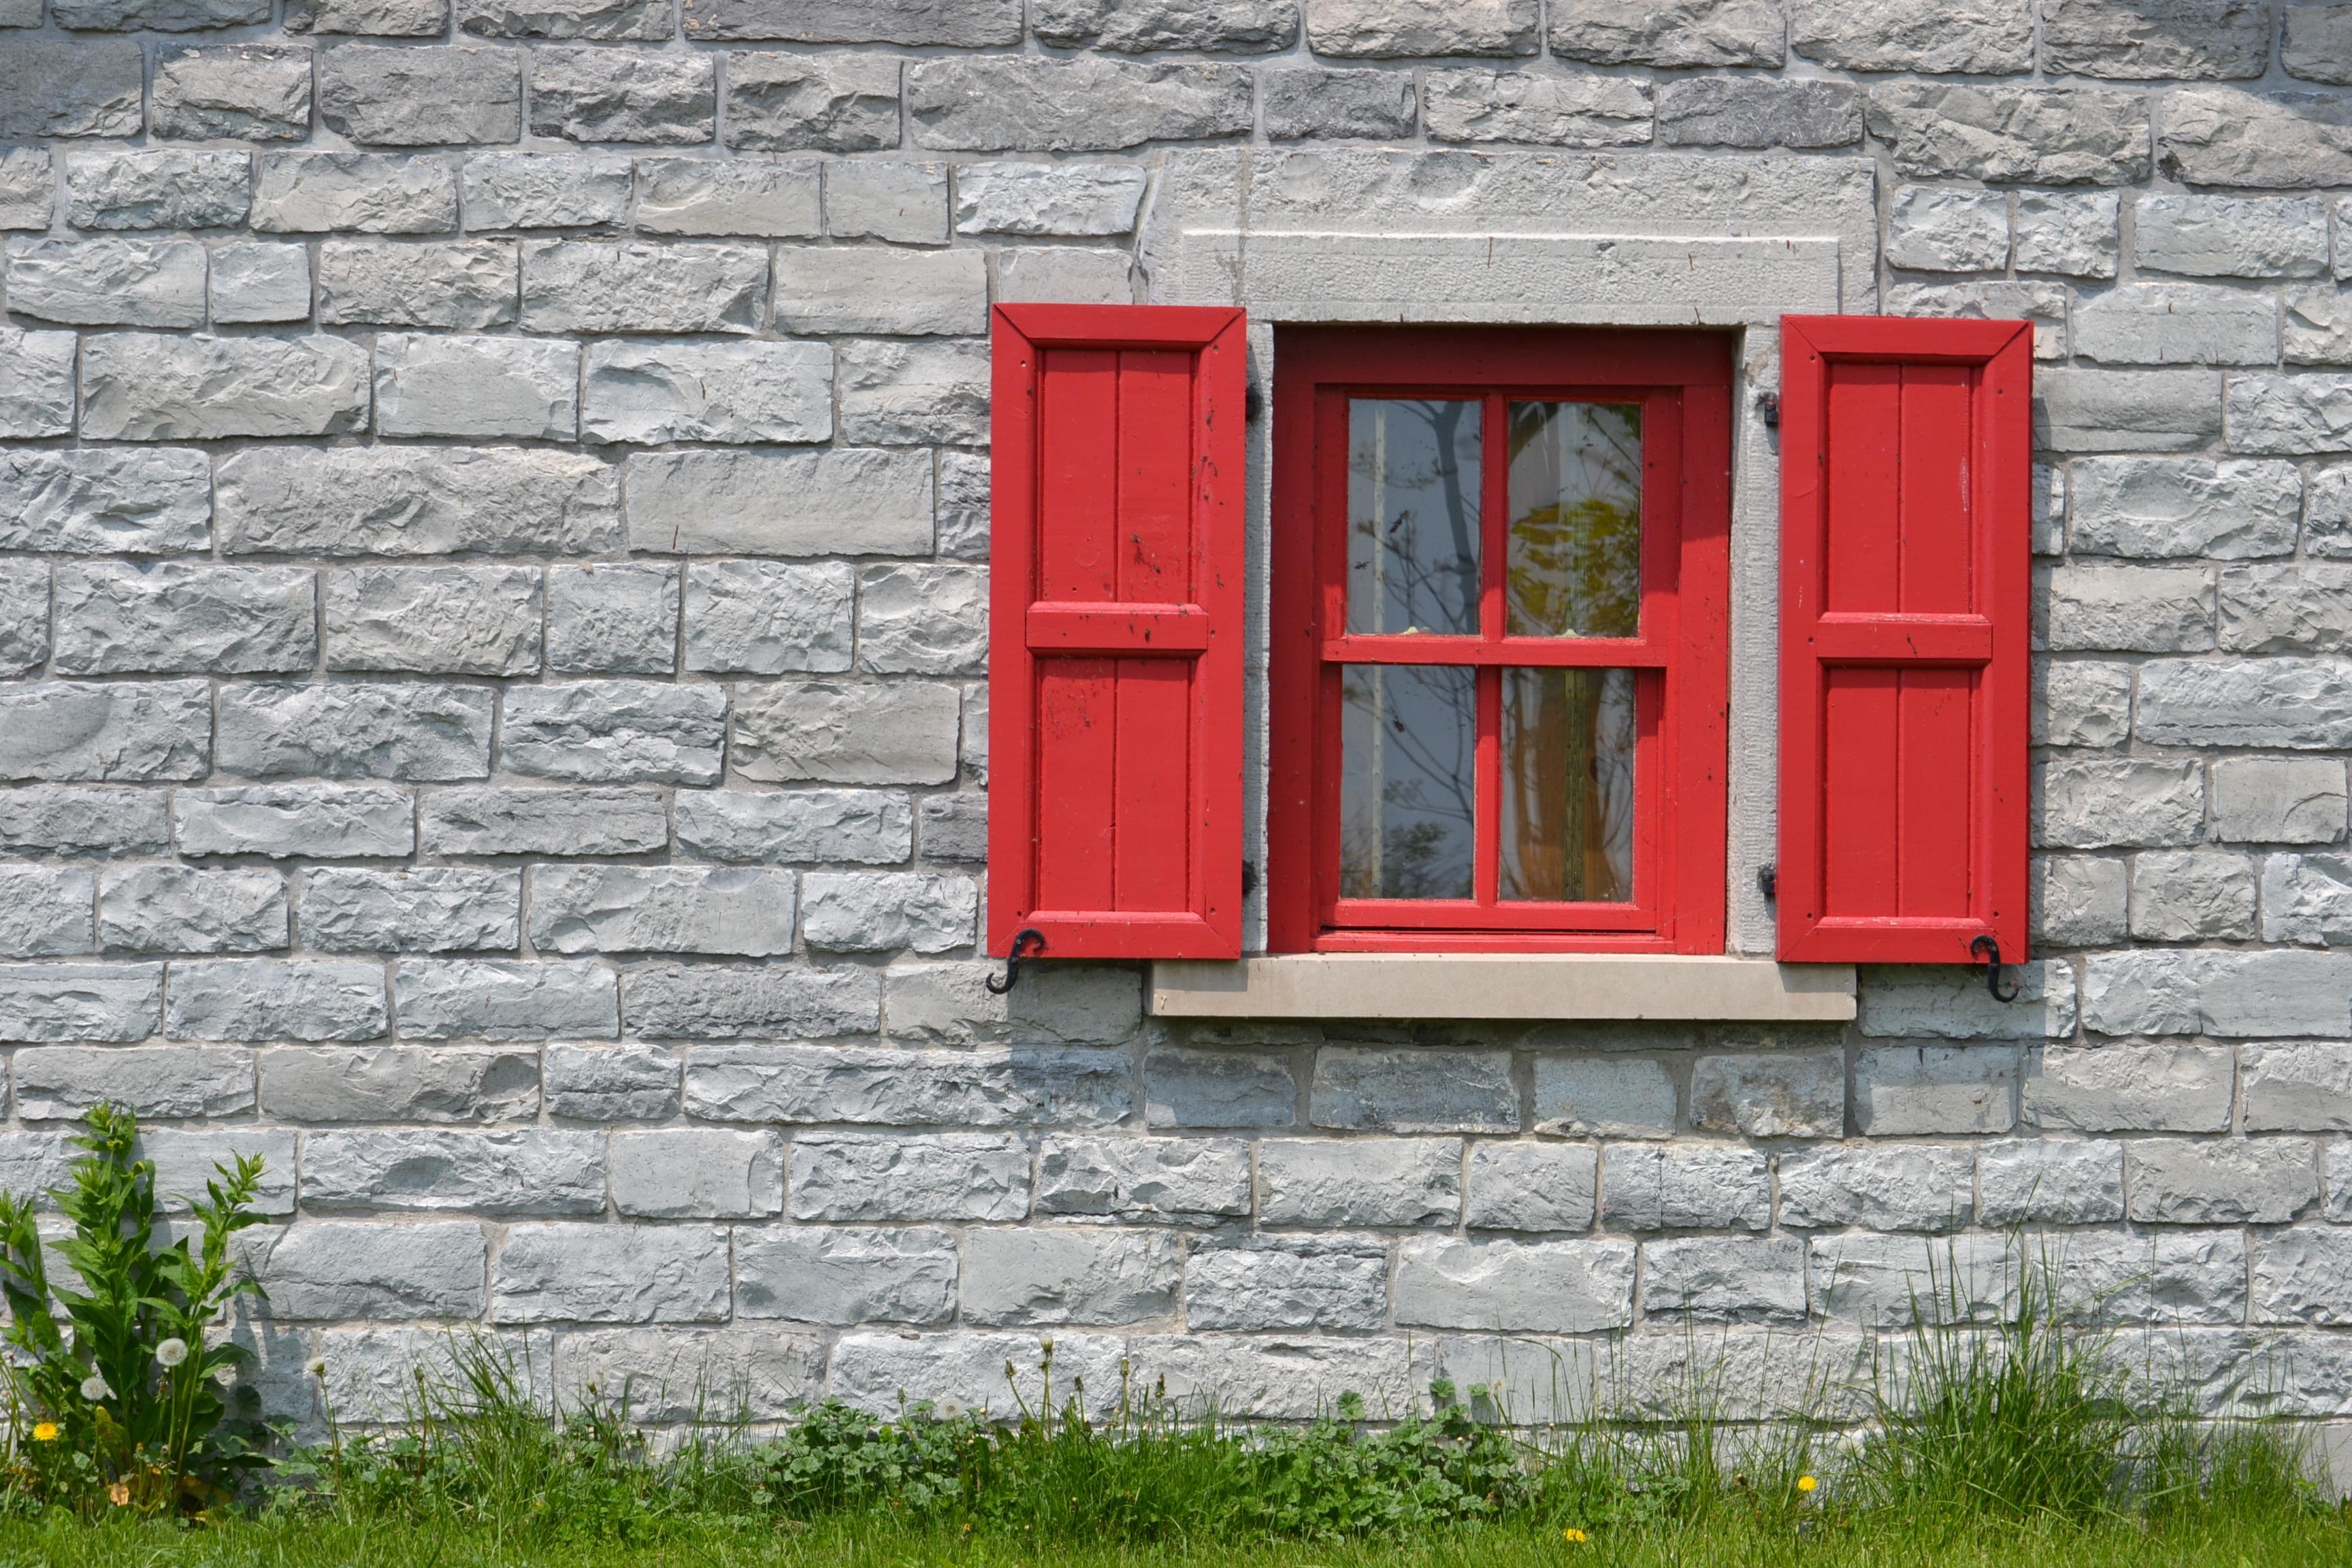 прочный камень, картинка кирпичного дома с дверью поклонников